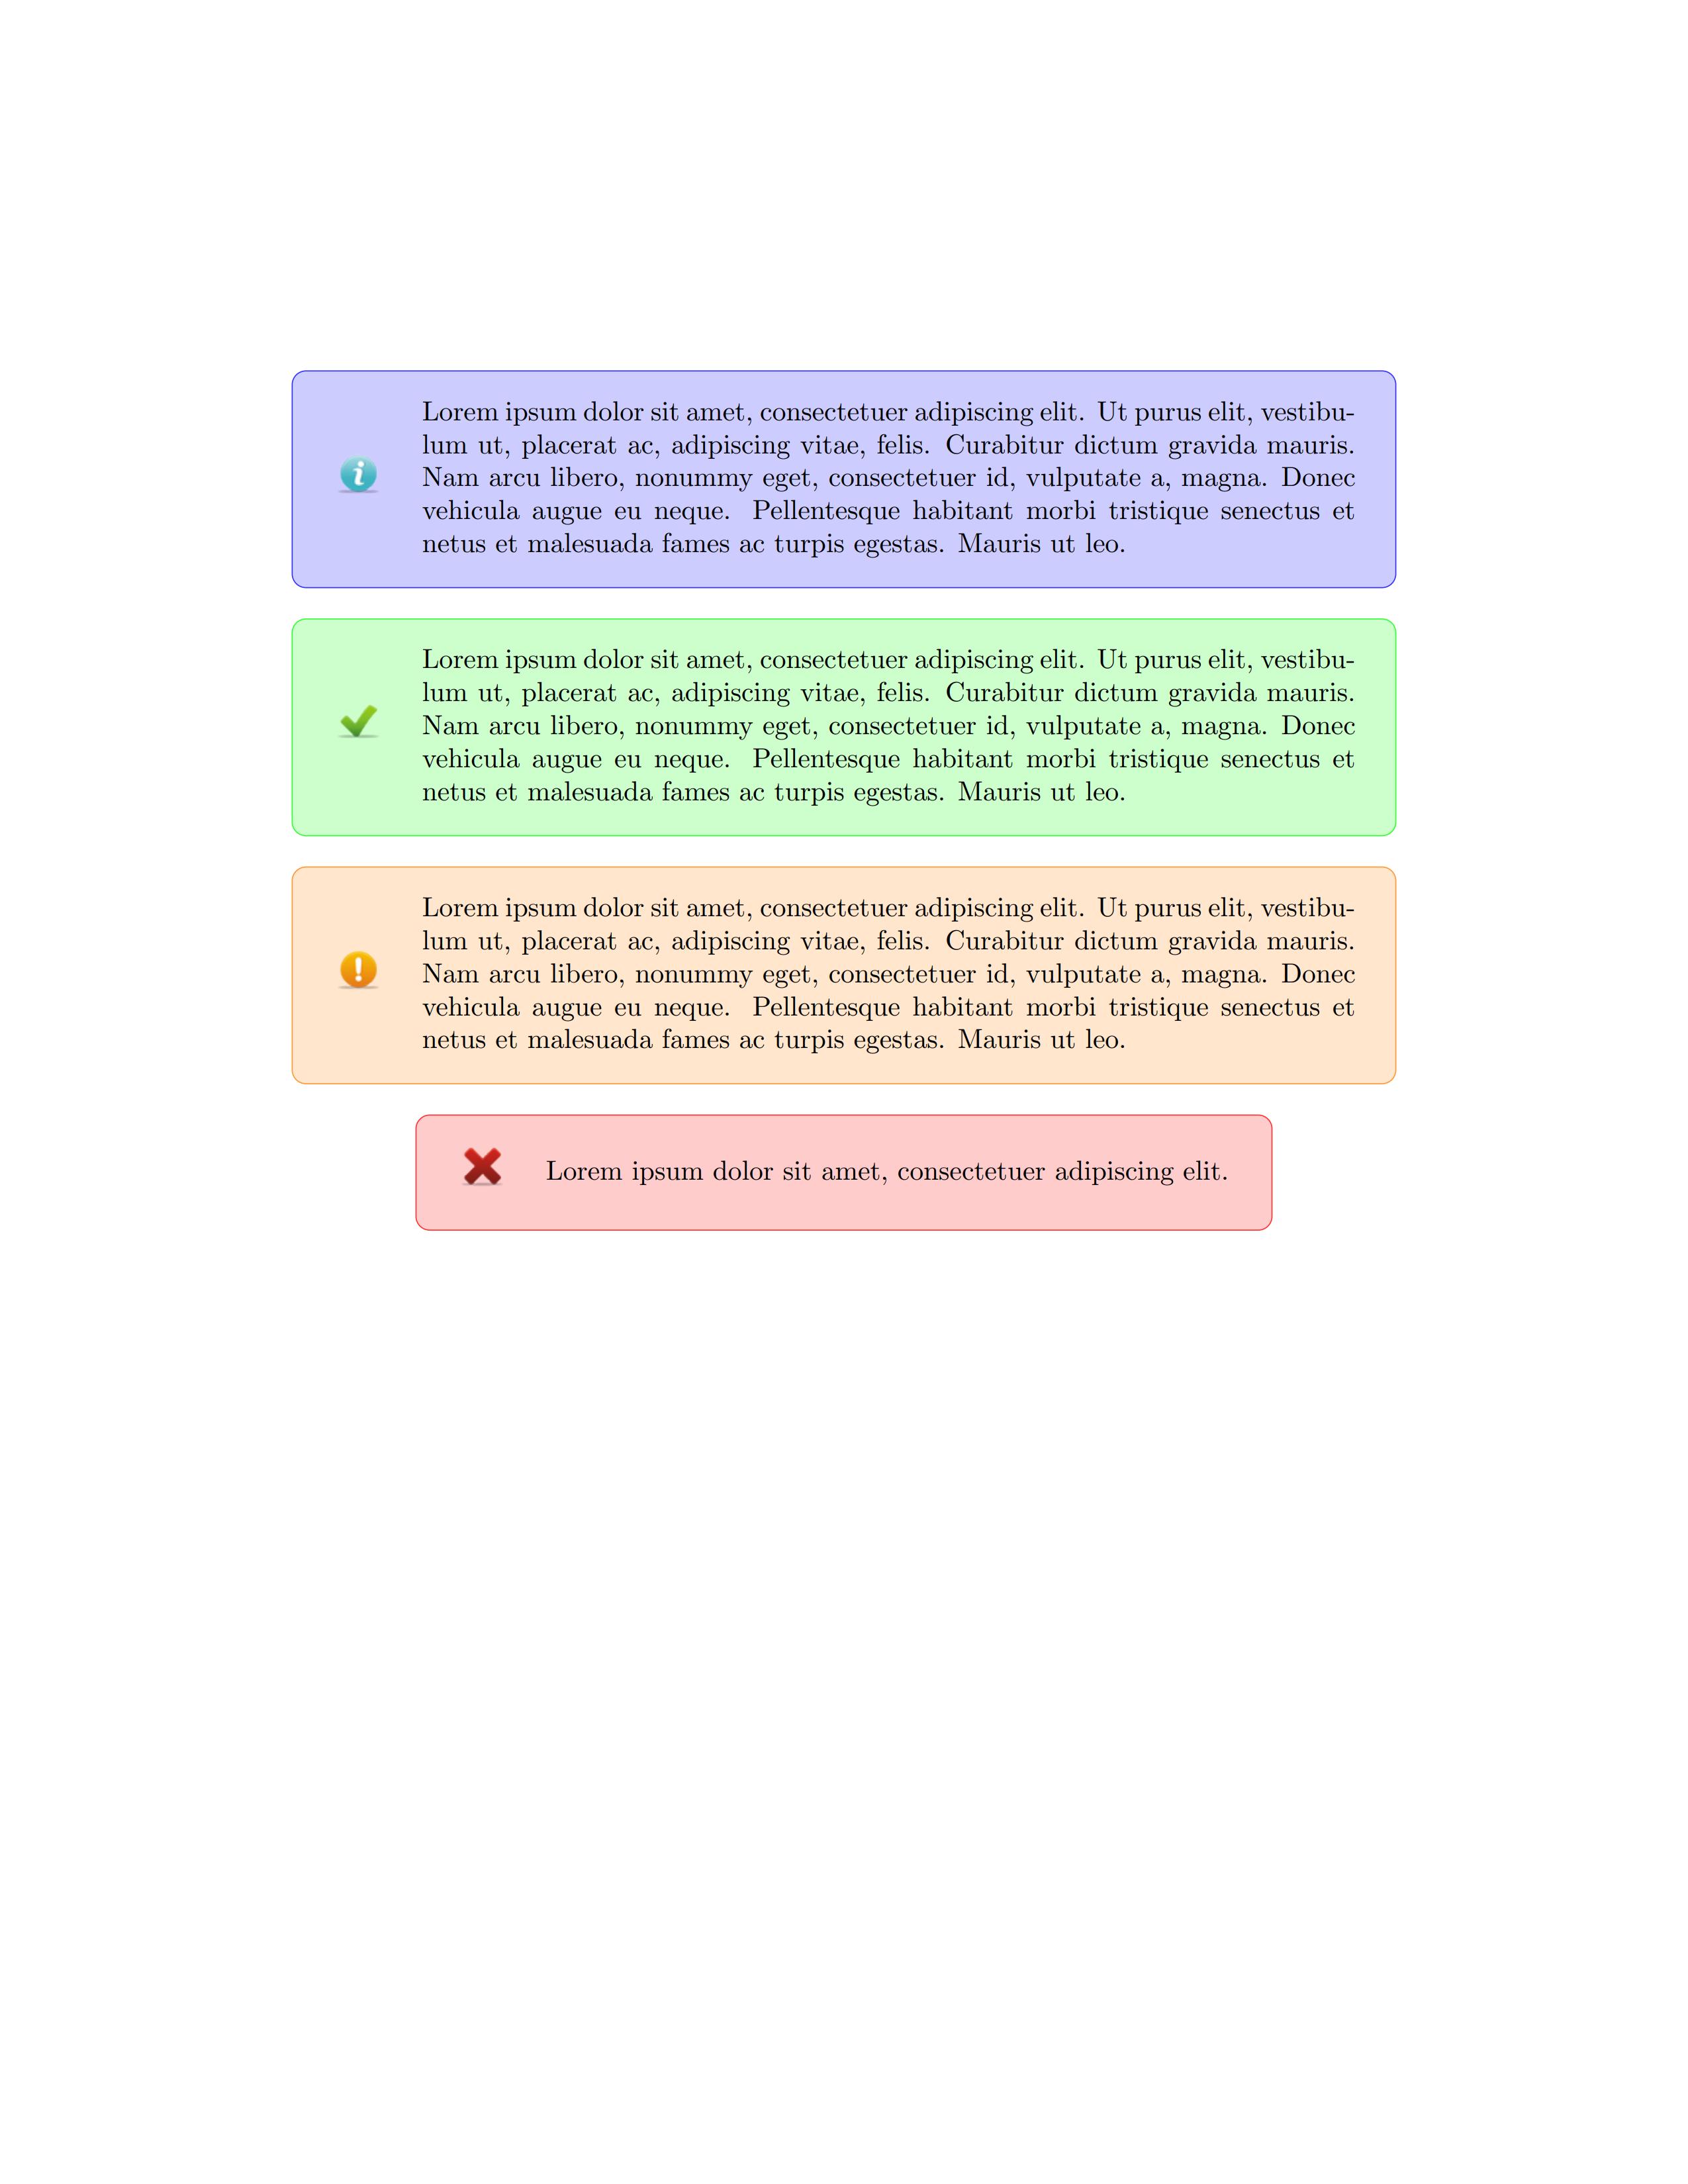 一个直接生成错误警告提示框的宏包 - alertmassage